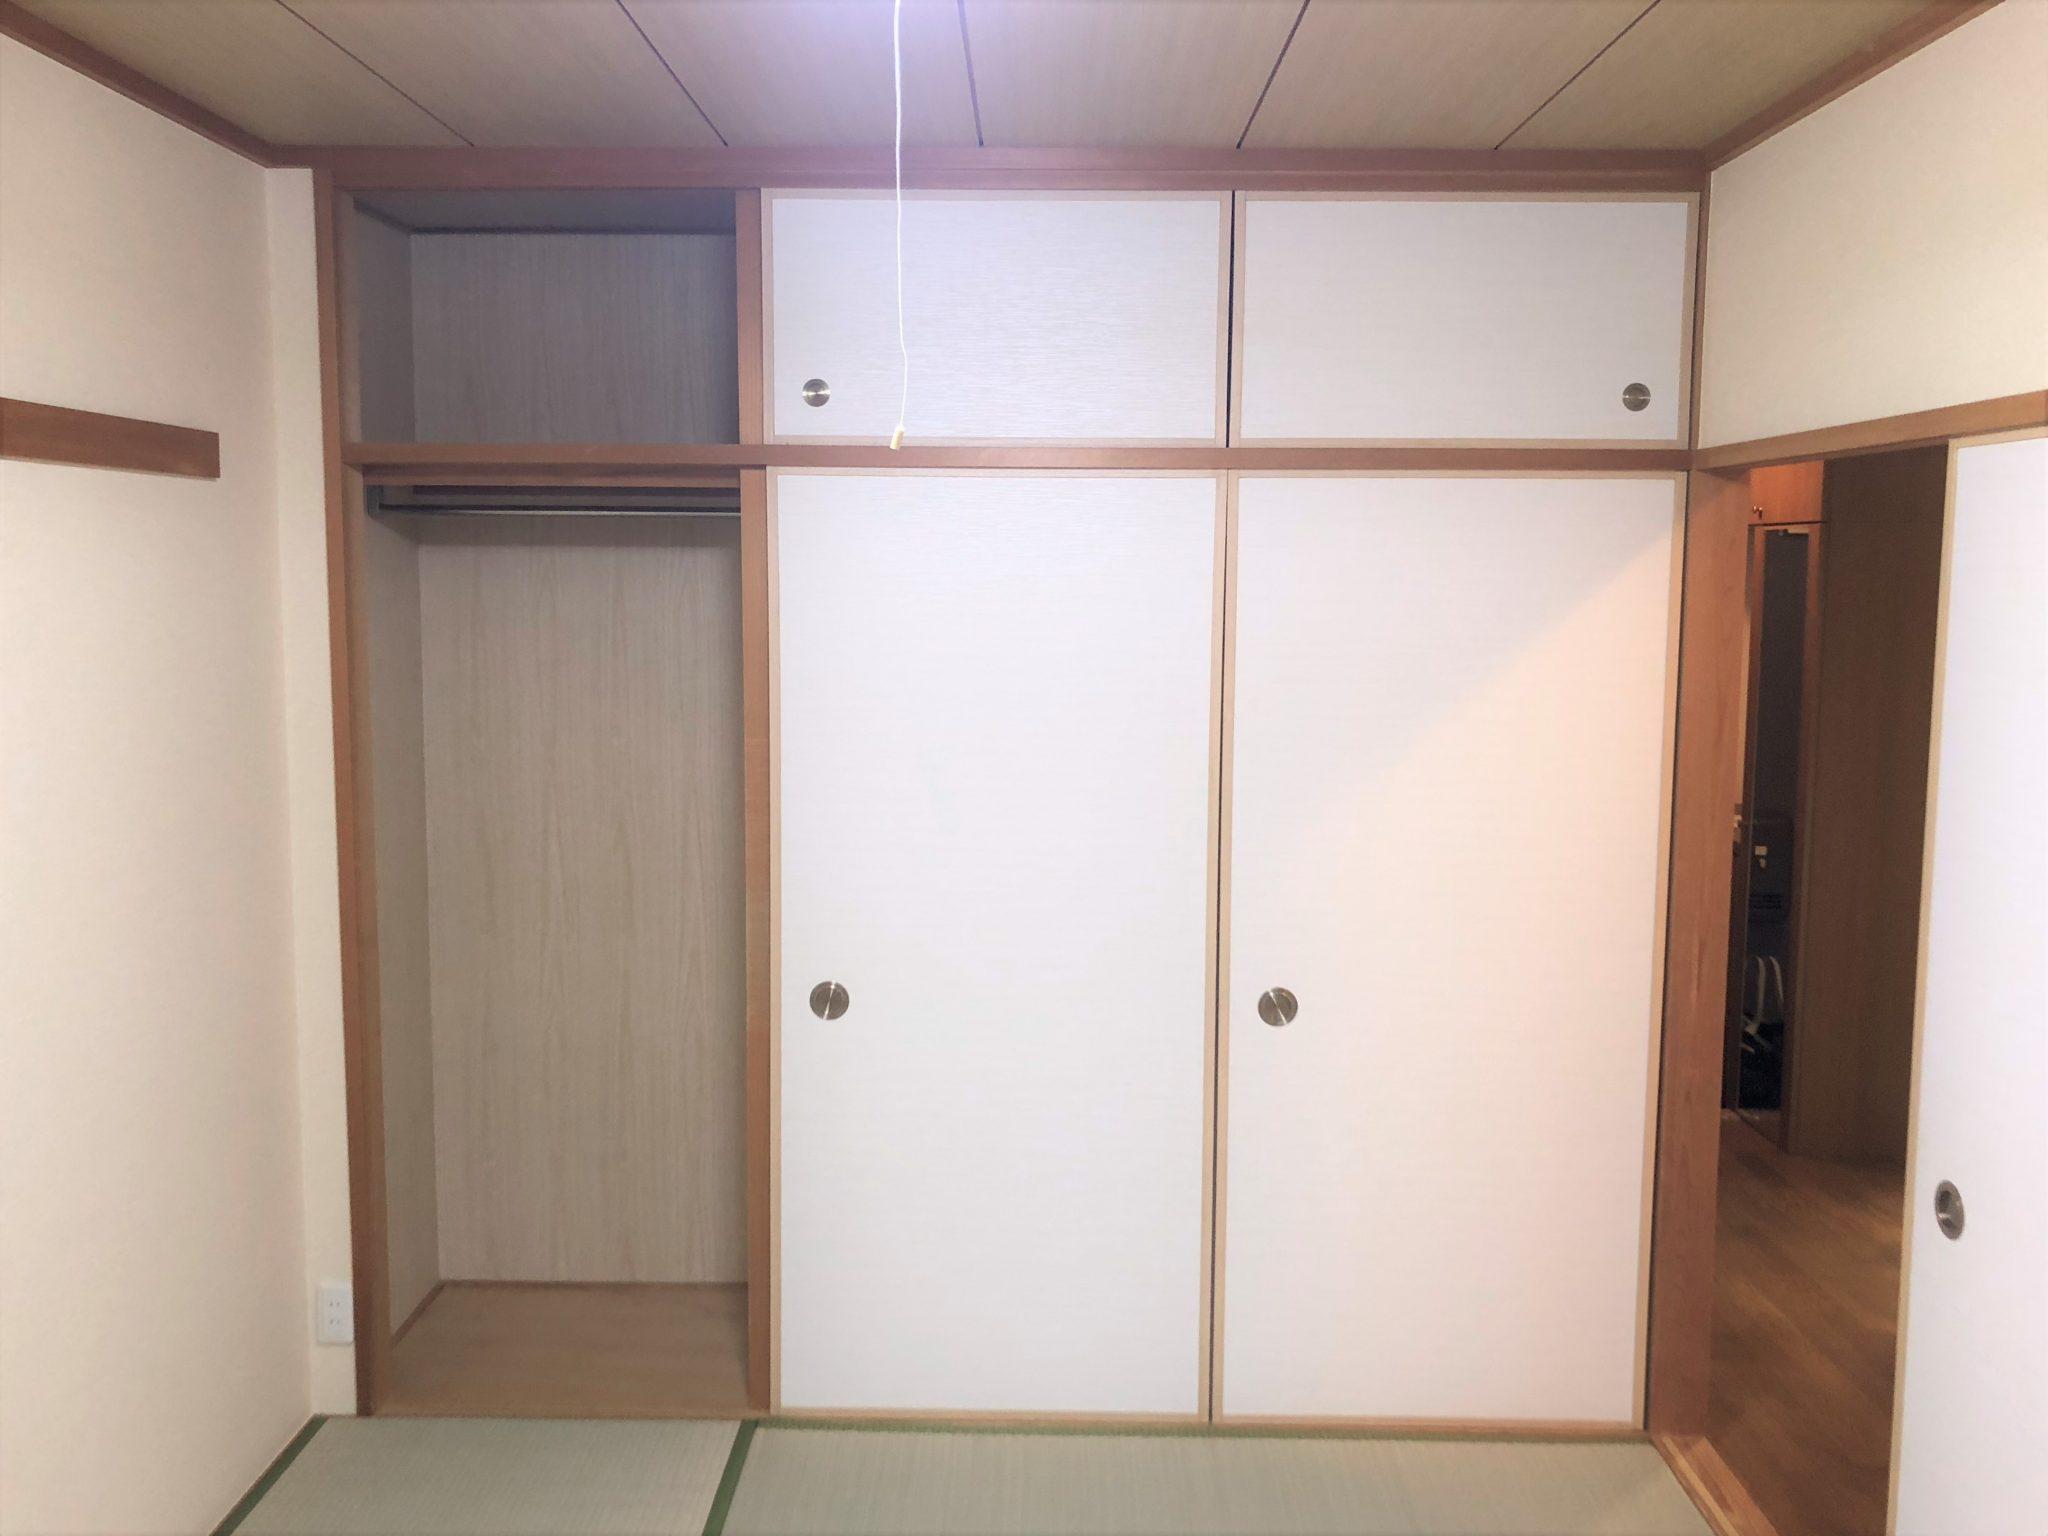 江坂賃貸3LDK,江坂賃貸,江坂3LDK,御堂筋線3LDK,